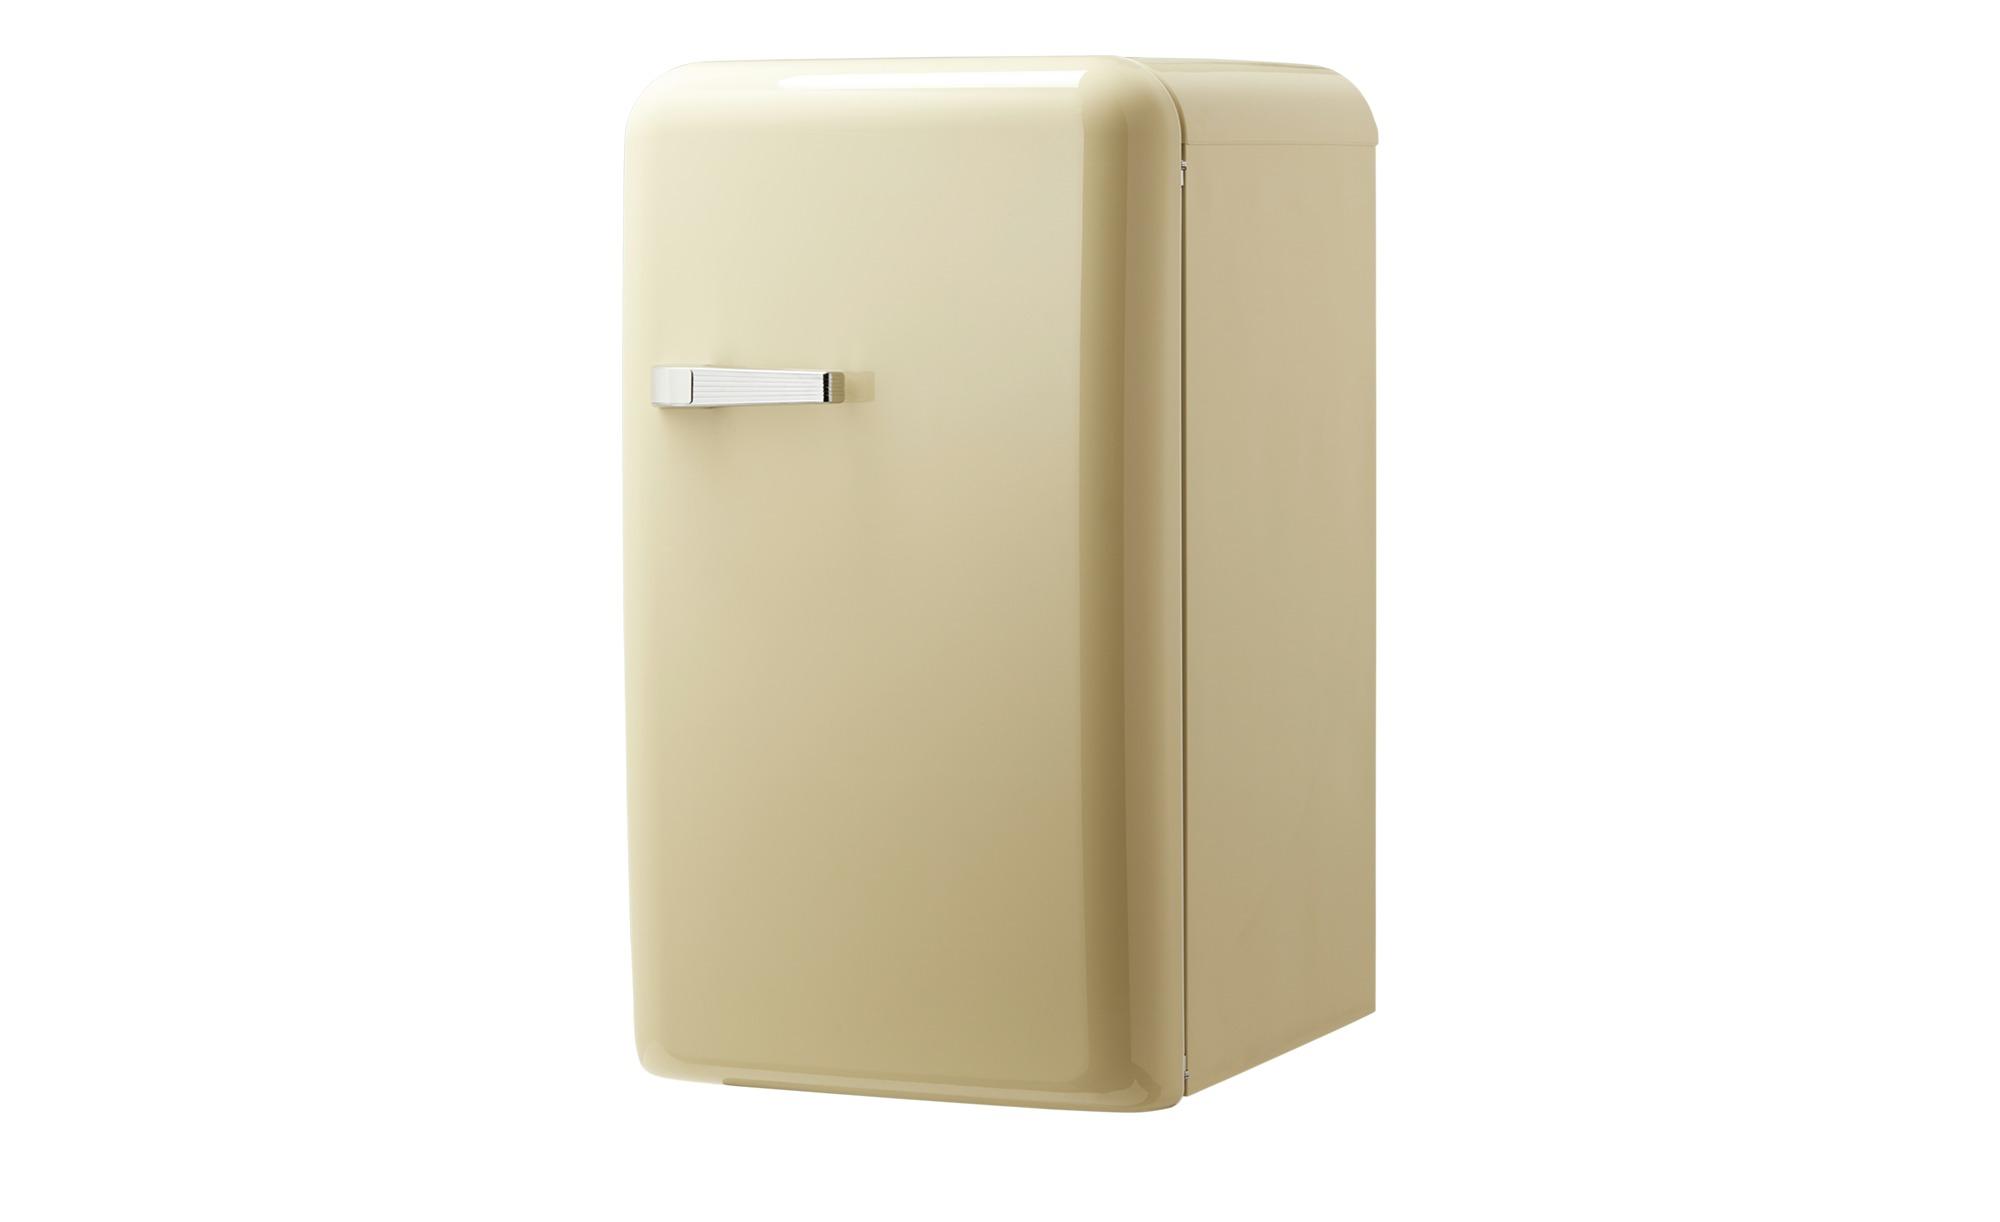 Retro Kühlschrank Creme : Khg kühlschrank ksr mg c creme möbel höffner